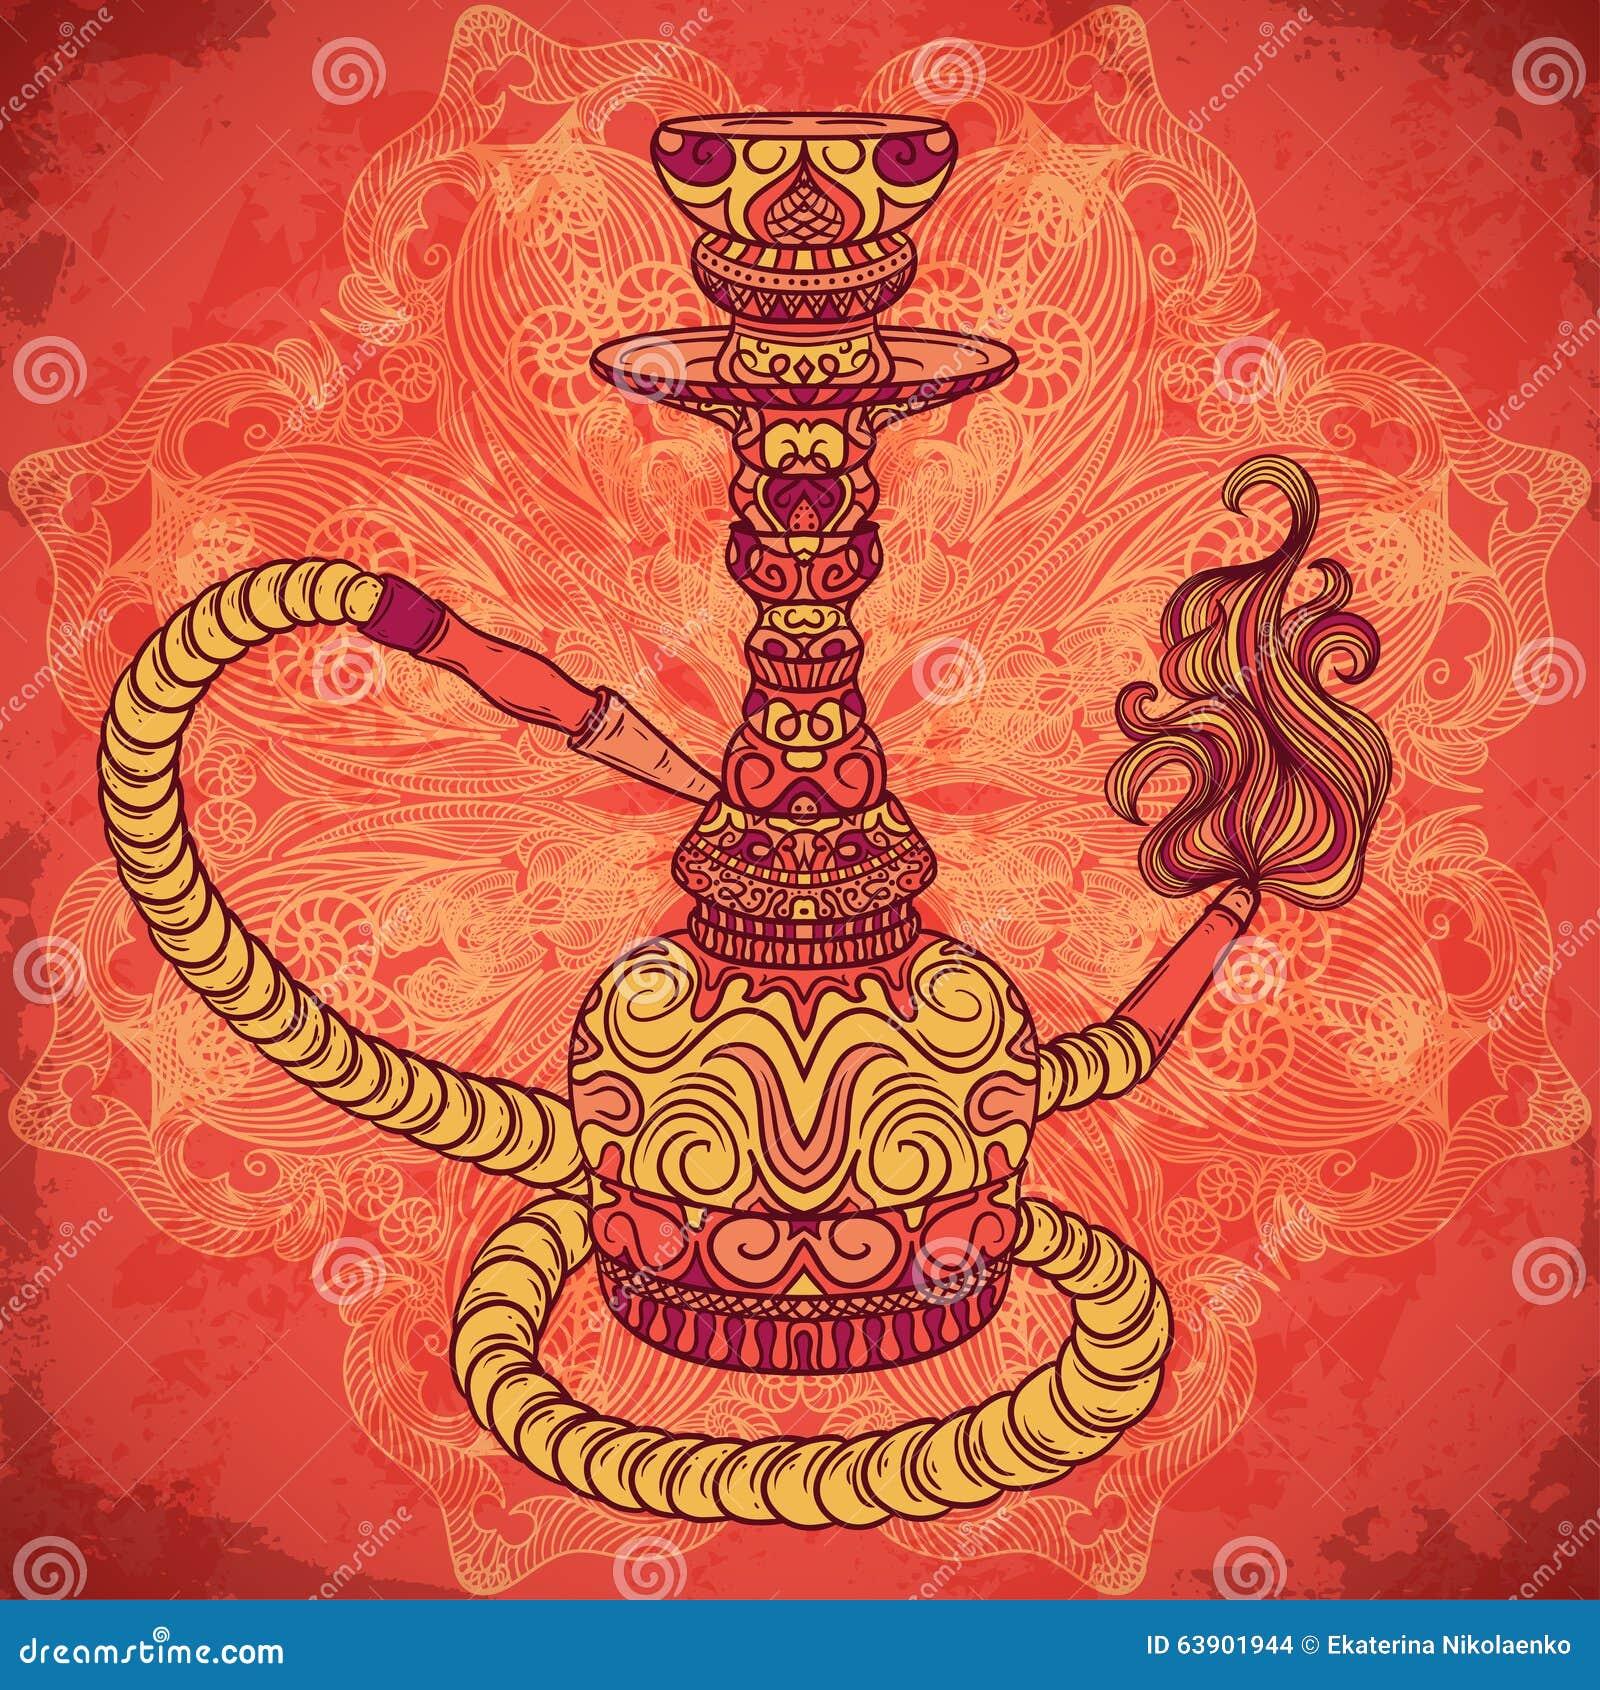 Vattenpipa med den orientaliska prydnaden och rök över utsmyckad mandalarundamodell